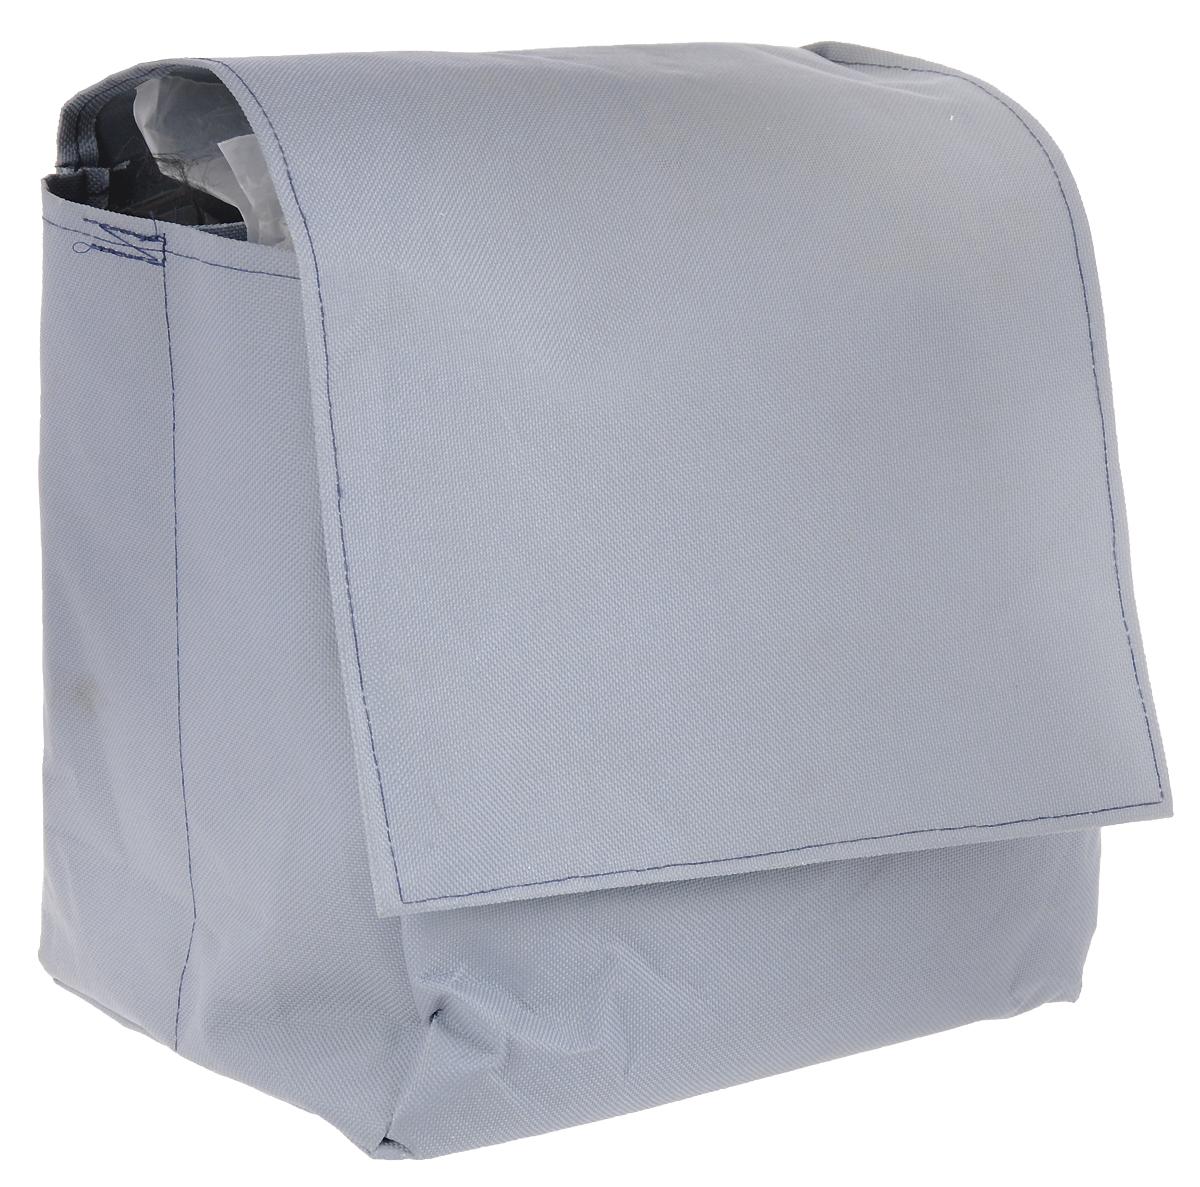 Комплект жерлиц РОСТ, в сумке. 2149921499В конструкции жерлиц РОСТ применен прочный морозостойкий пластик. Сборка на морозе составит несколько секунд. В этой конструкции присутствует стопор, который регулирует усилие вращения катушки, а в собранном положении фиксирует крючок, флажок убирается внутрь стойки. Набор компактен в транспортном состоянии.В состав входит 10 жерлиц.Уважаемые клиенты! Обращаем ваше внимание на то, что упаковка может иметь несколько видов дизайна. Поставка осуществляется в зависимости от наличия на складе.